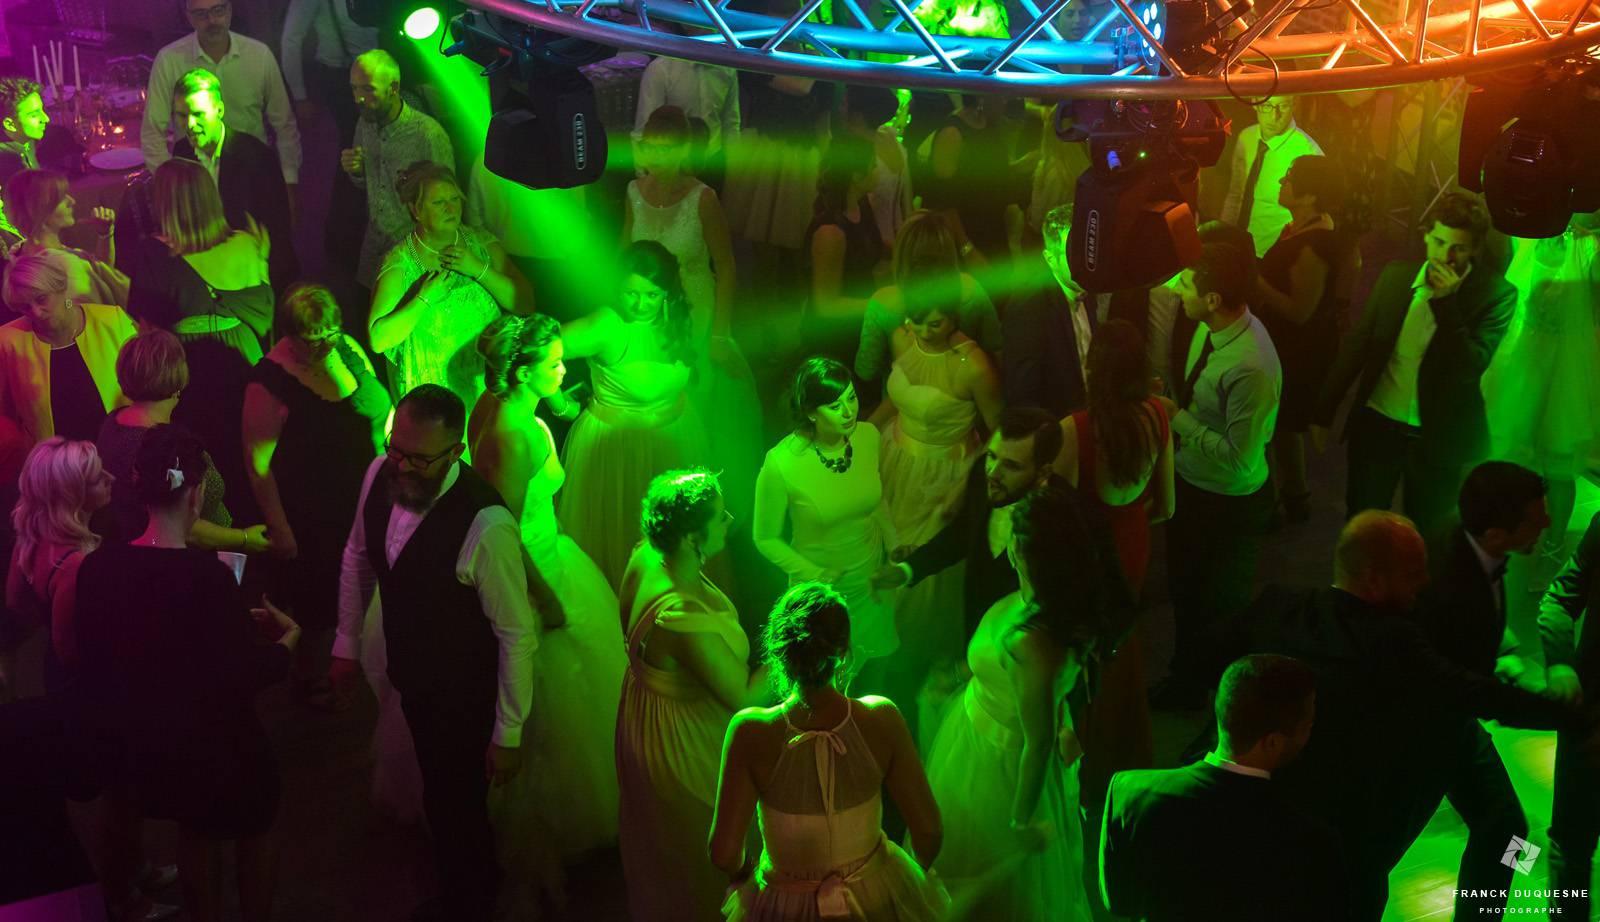 ambiance lumineuse lumière verte soirée de mariage